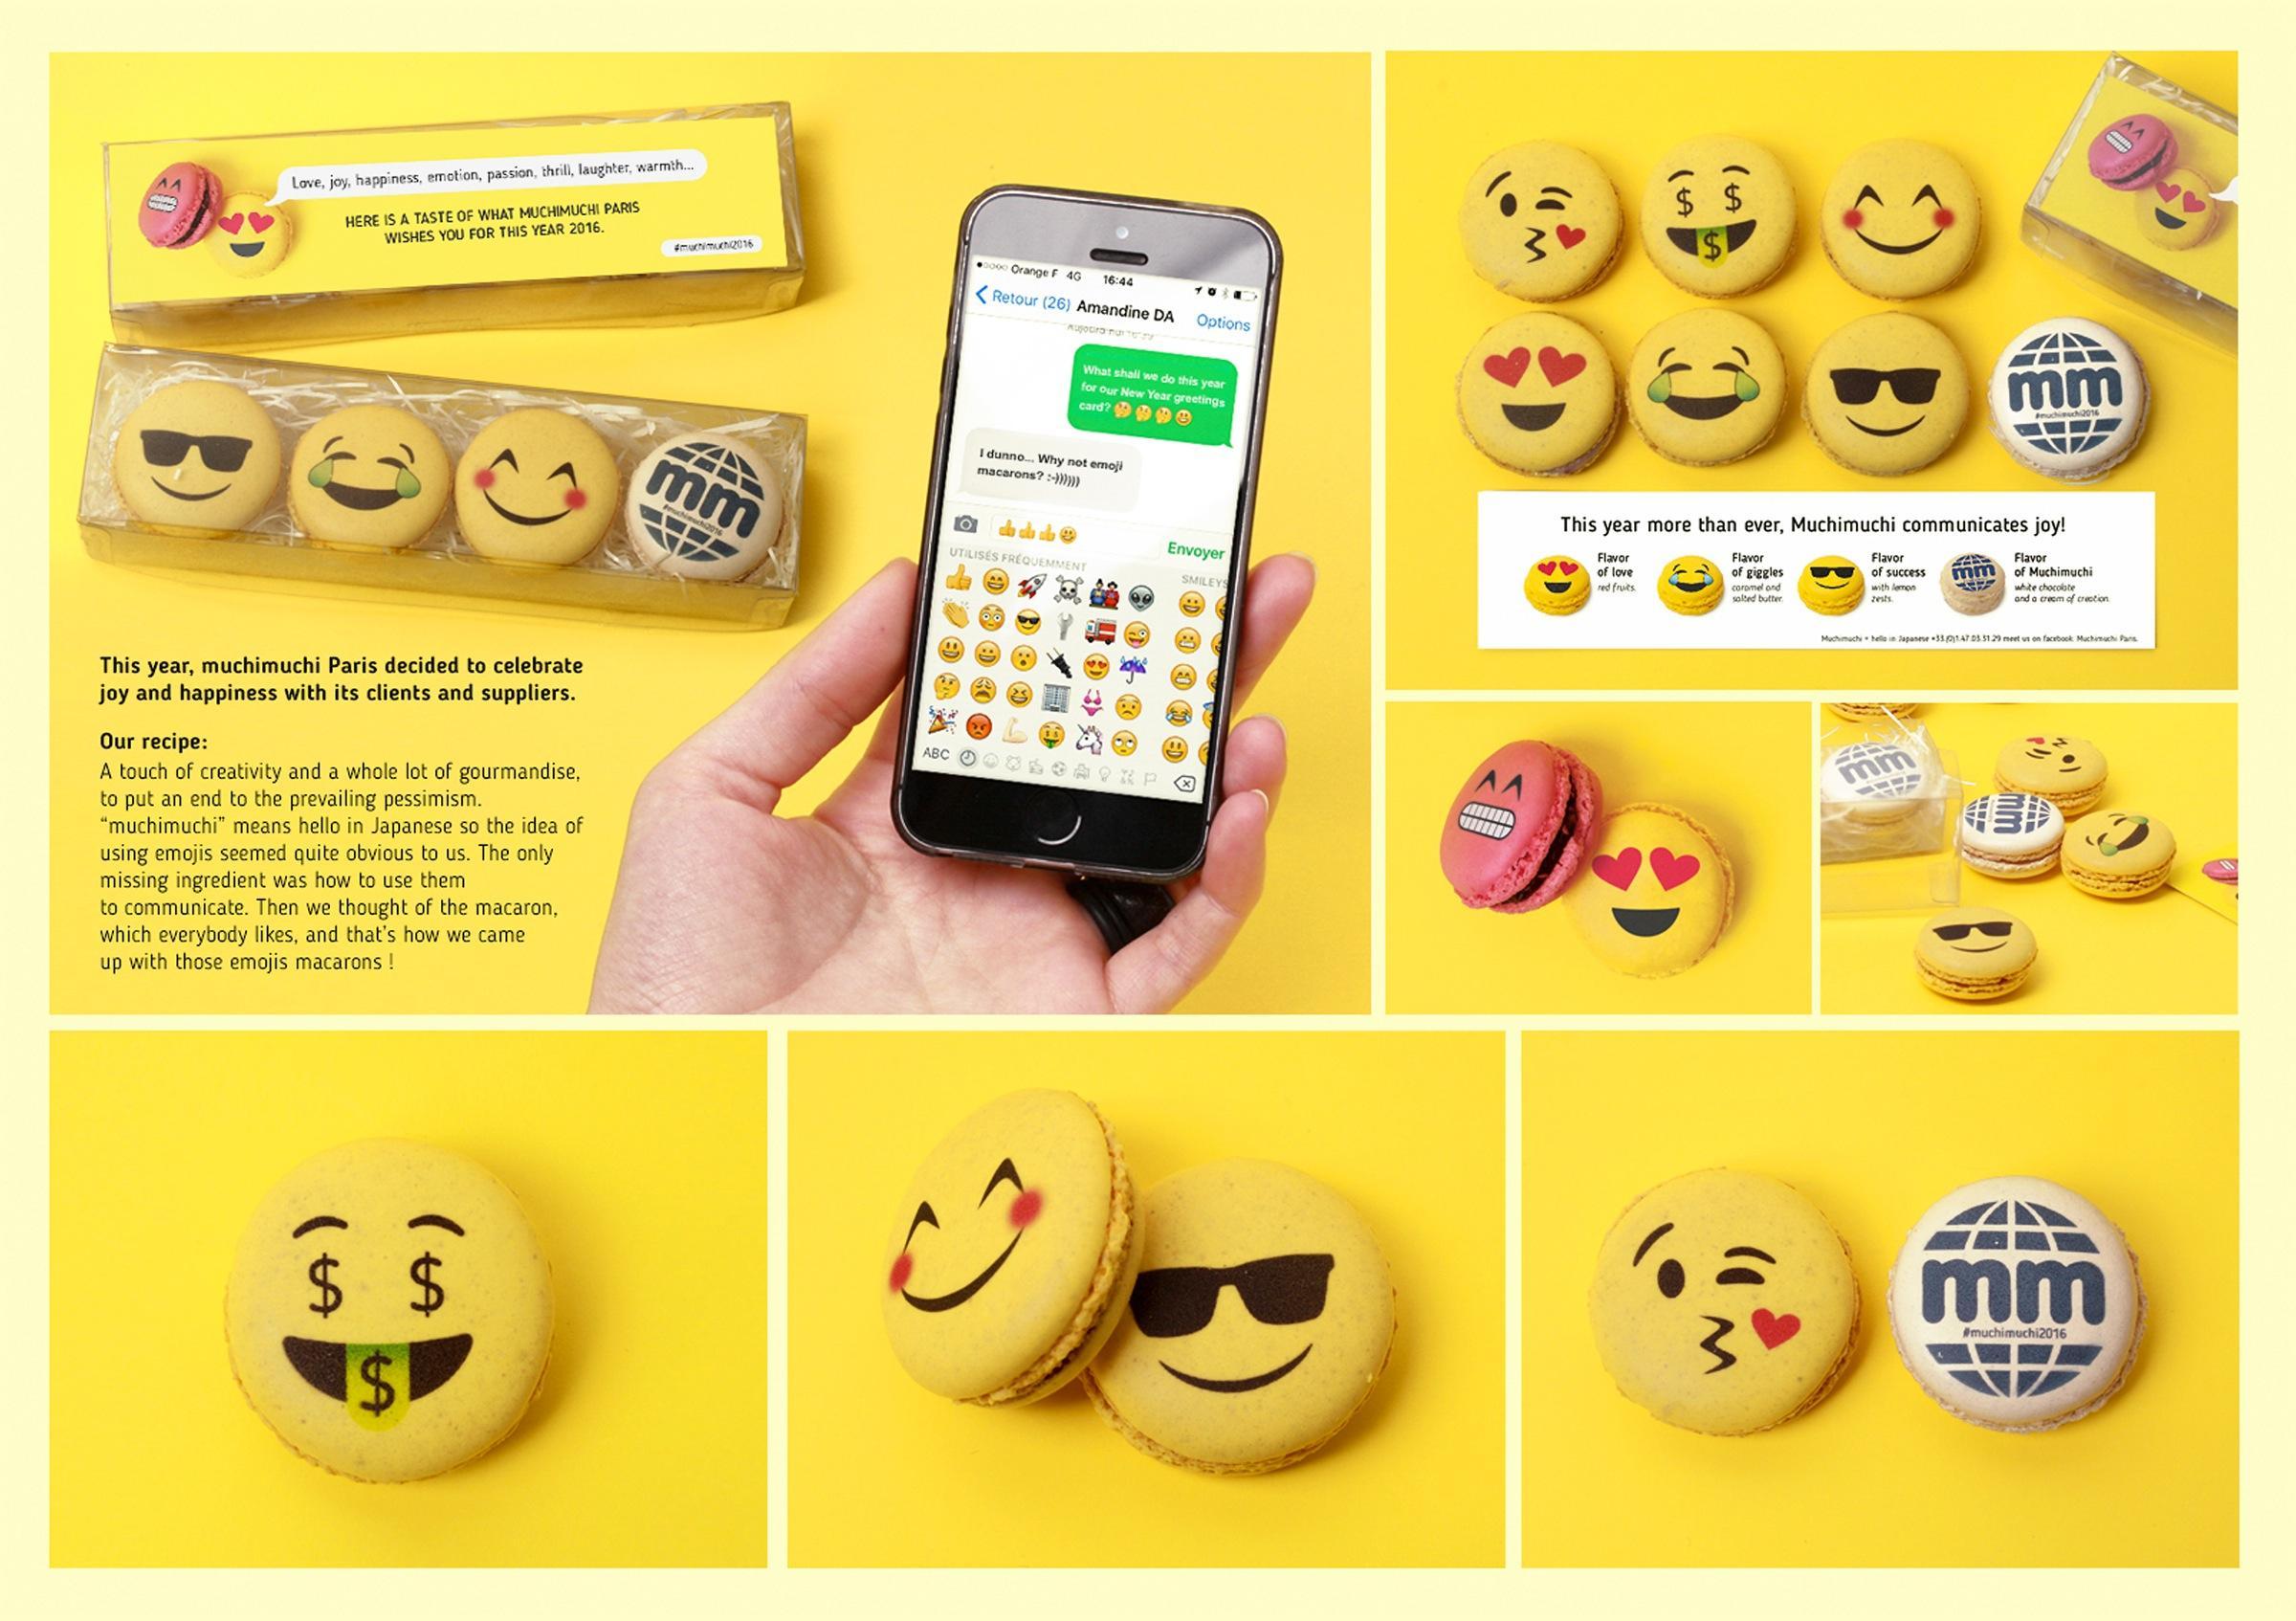 Muchimuchi Direct Ad -  muchimuchi communicates joy